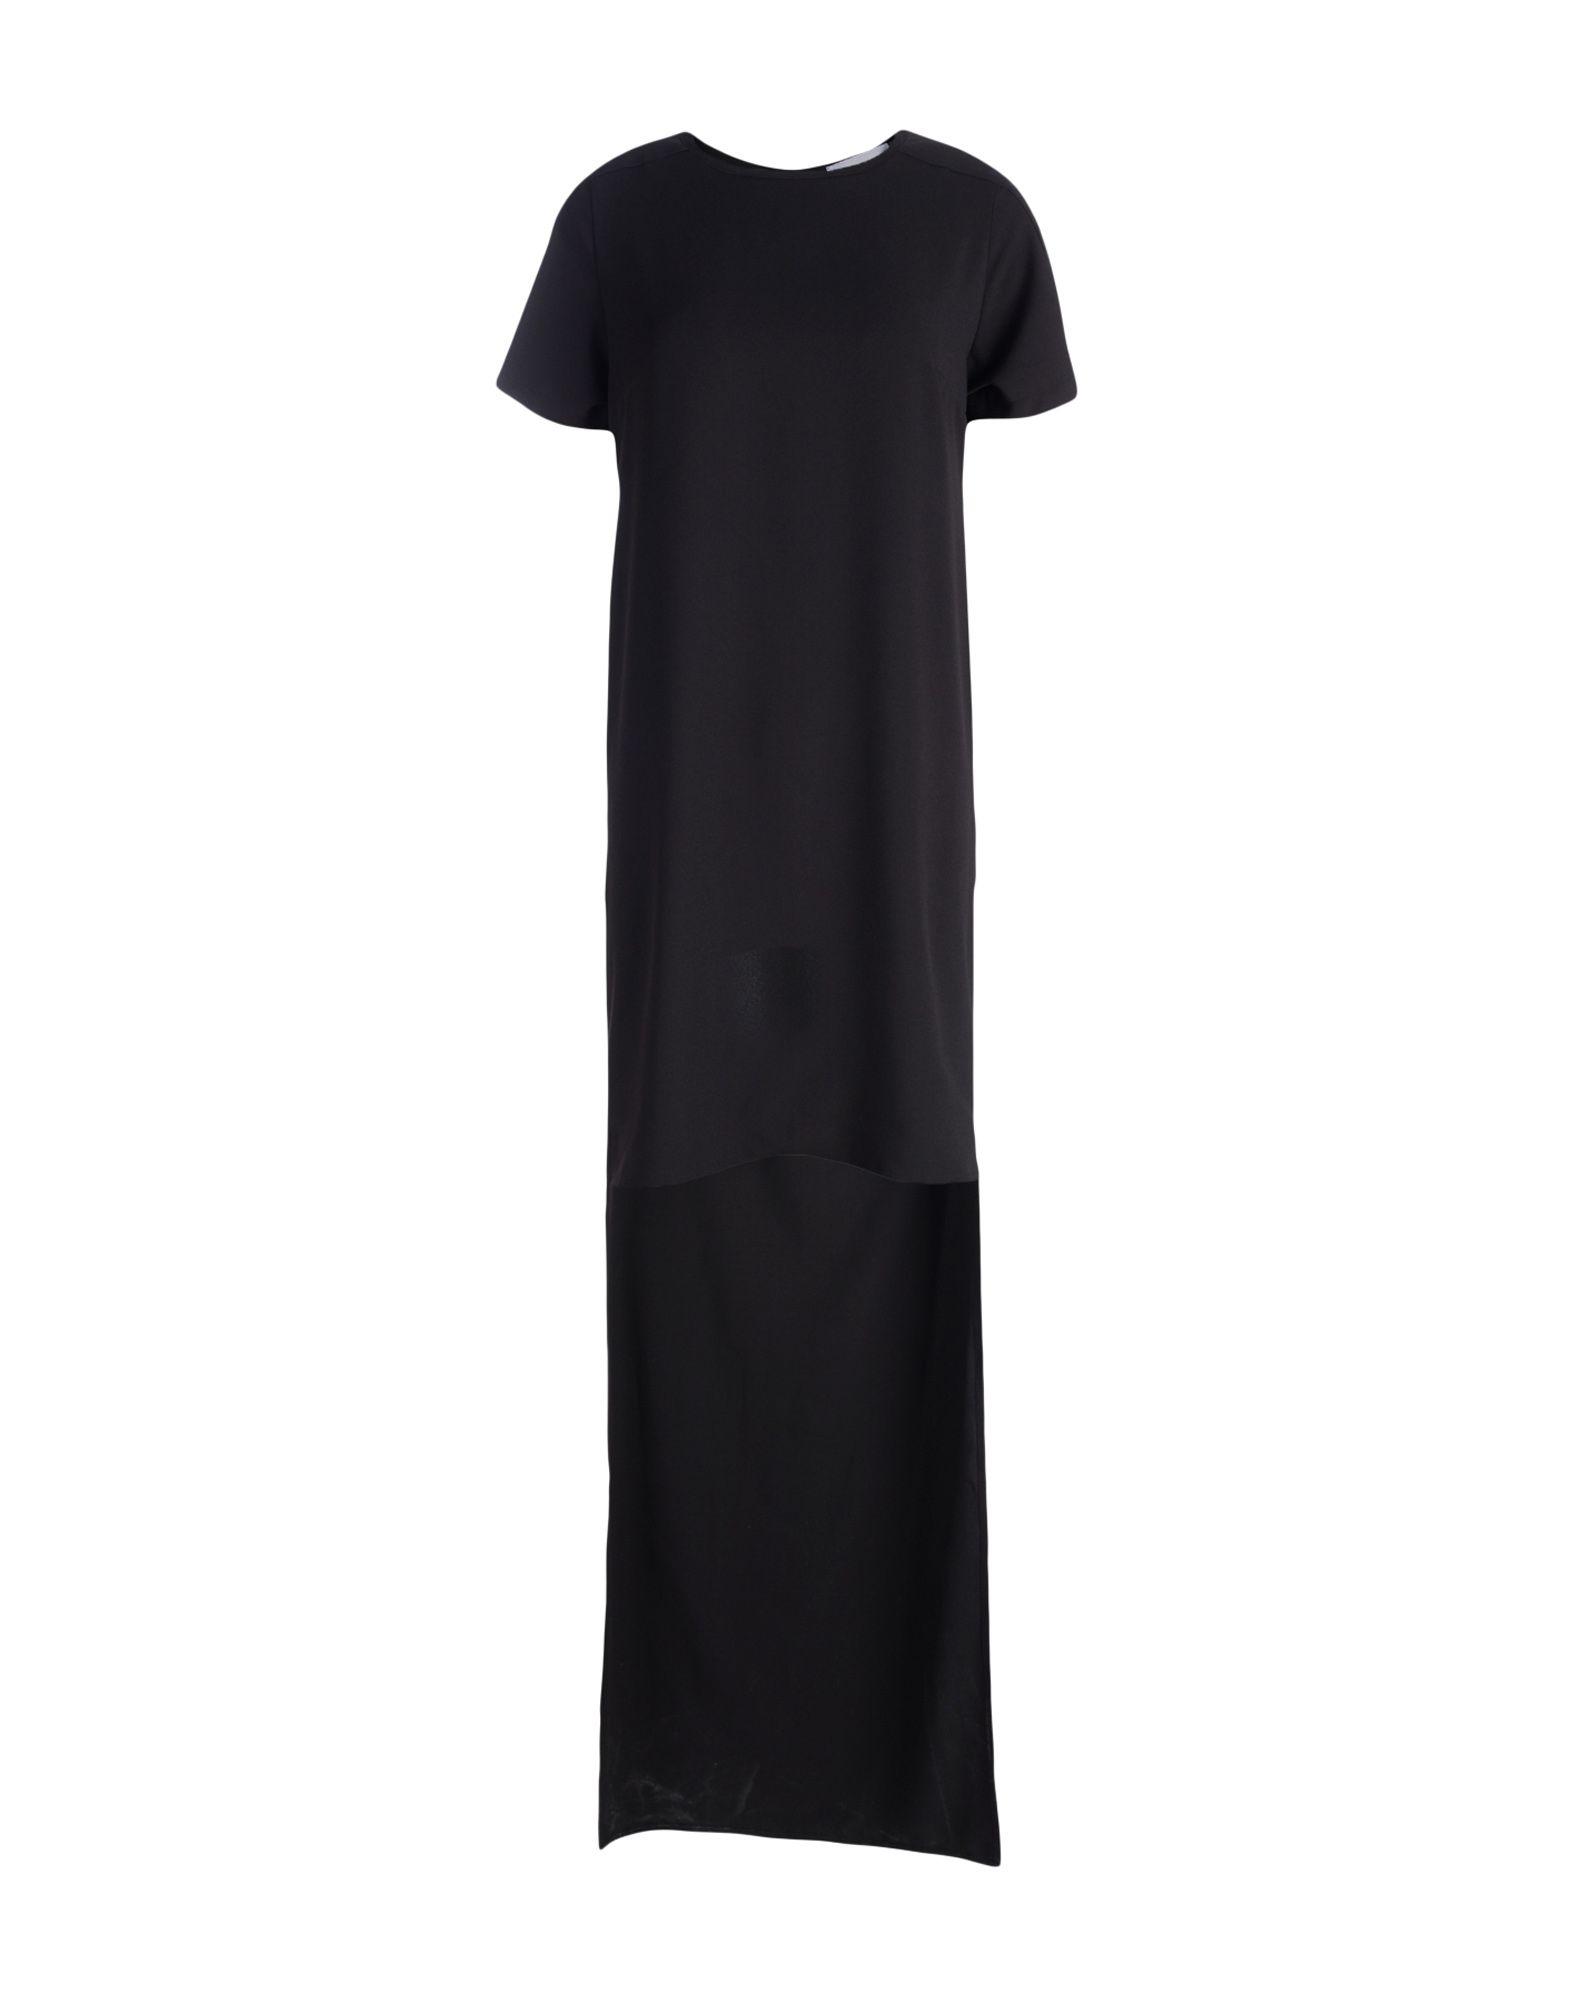 KITAGI Damen Kurzes Kleid Farbe Schwarz Größe 5